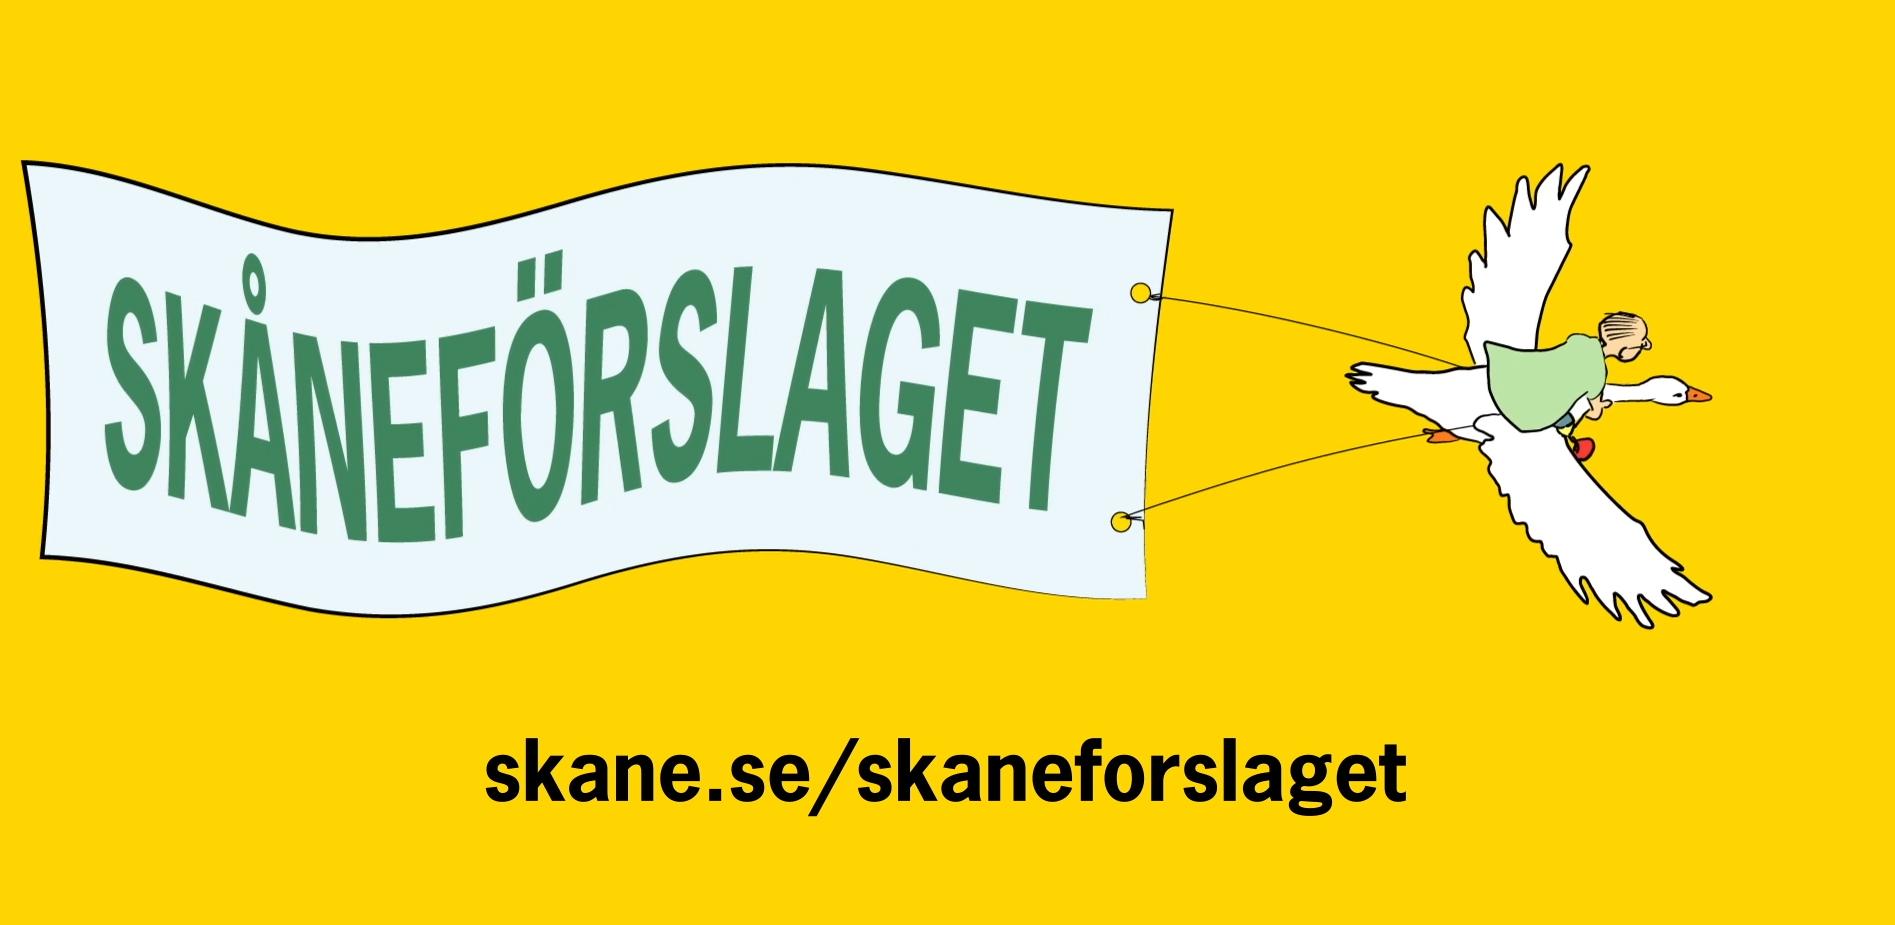 Populärt Skåneförslag om lönehöjningar för vård- och omsorgspersonal